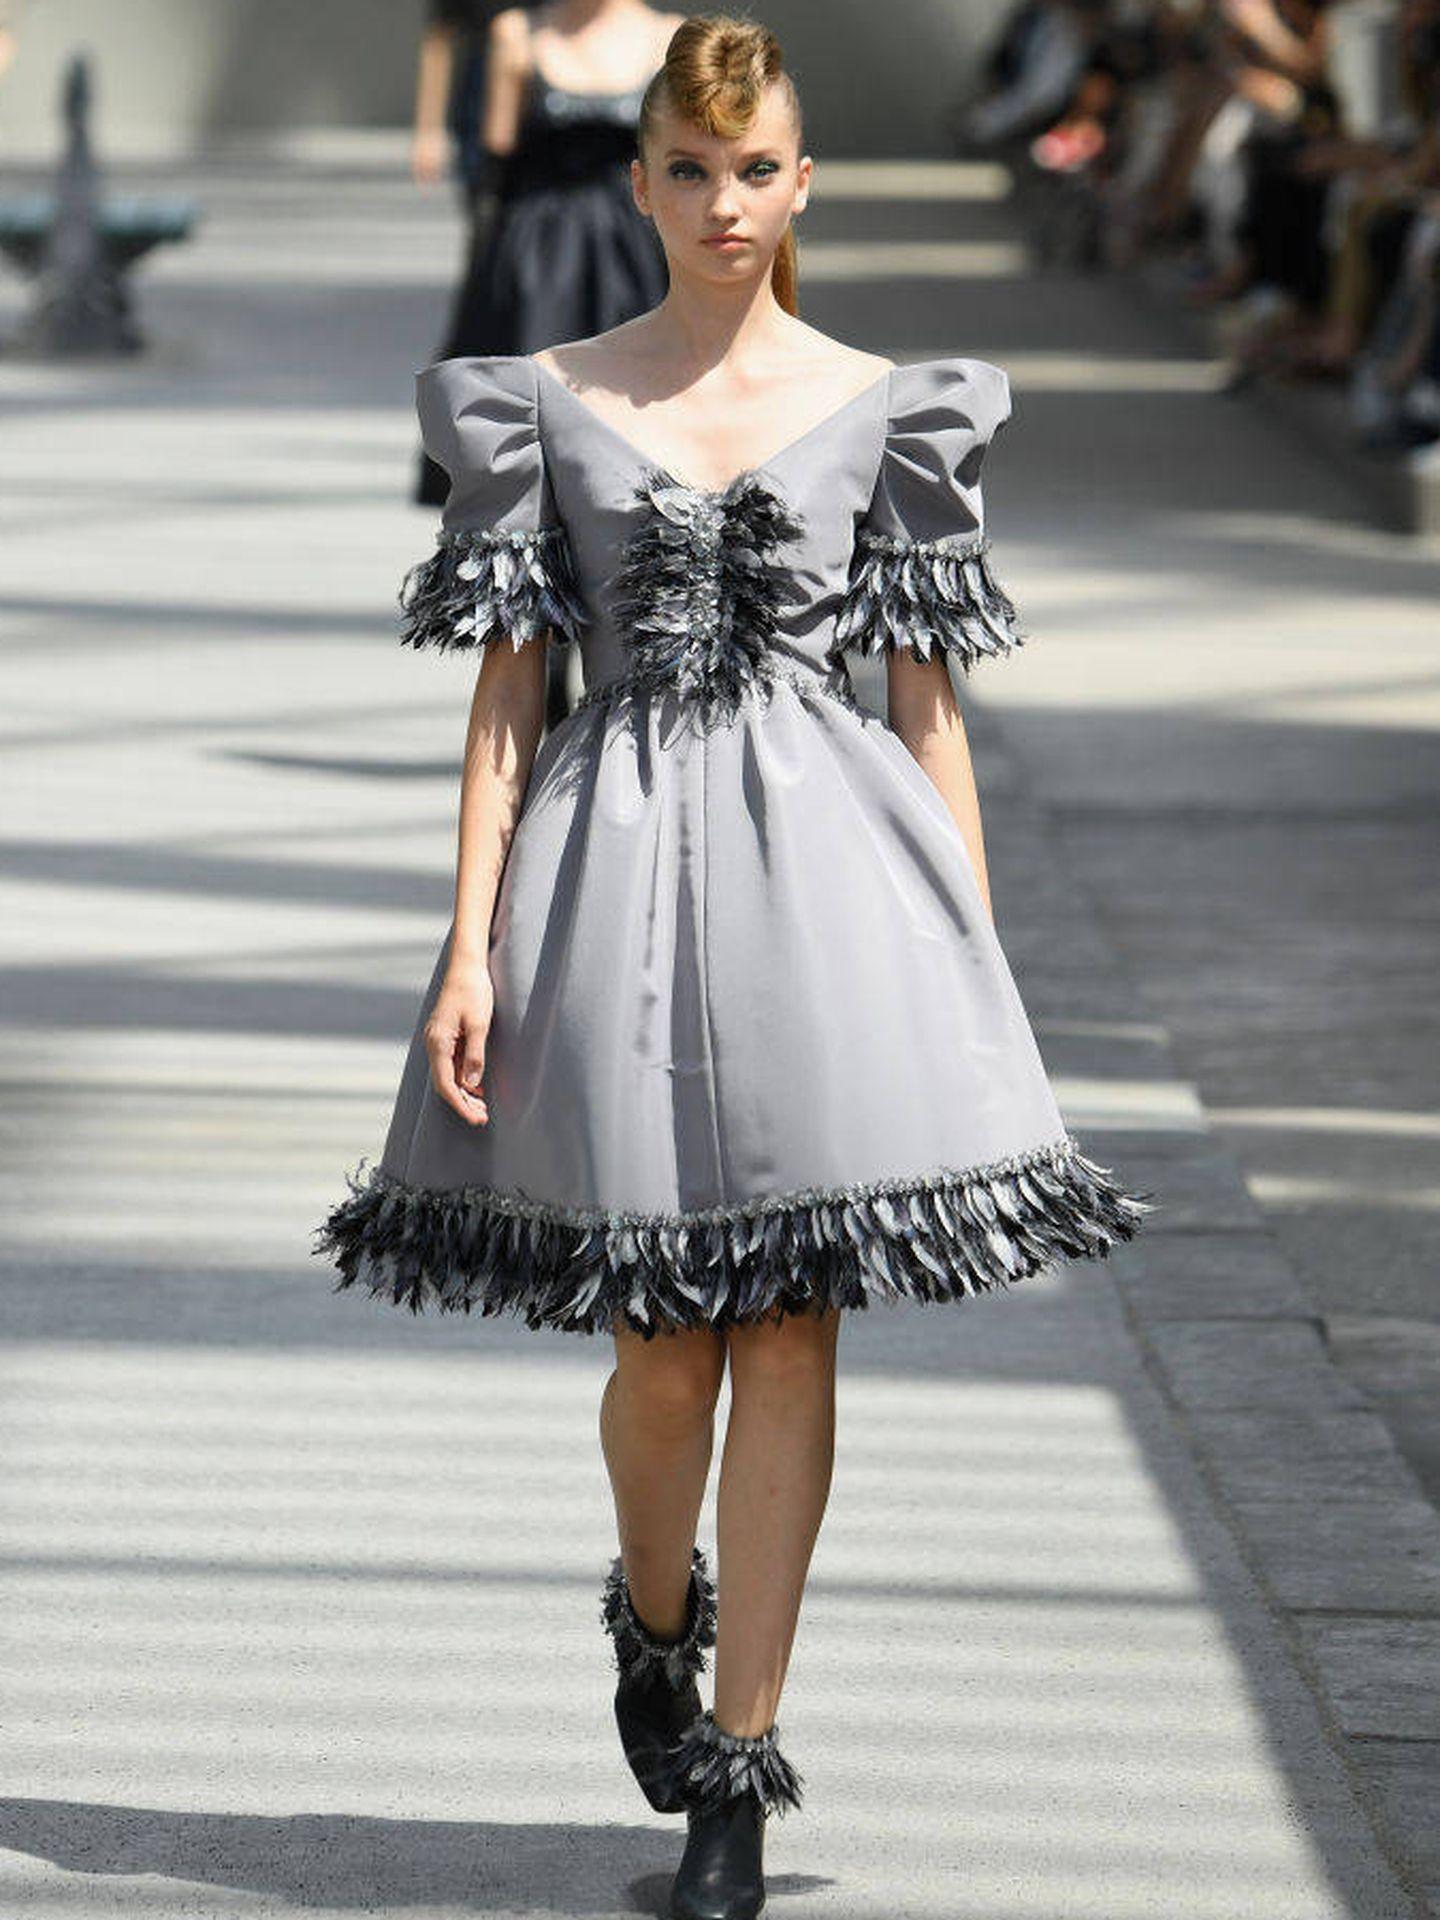 Modelo con vestido de la colección de Alta Costura de Chanel Fall Winter 2018/2019 (Pascal Le Segretain/Getty Images).